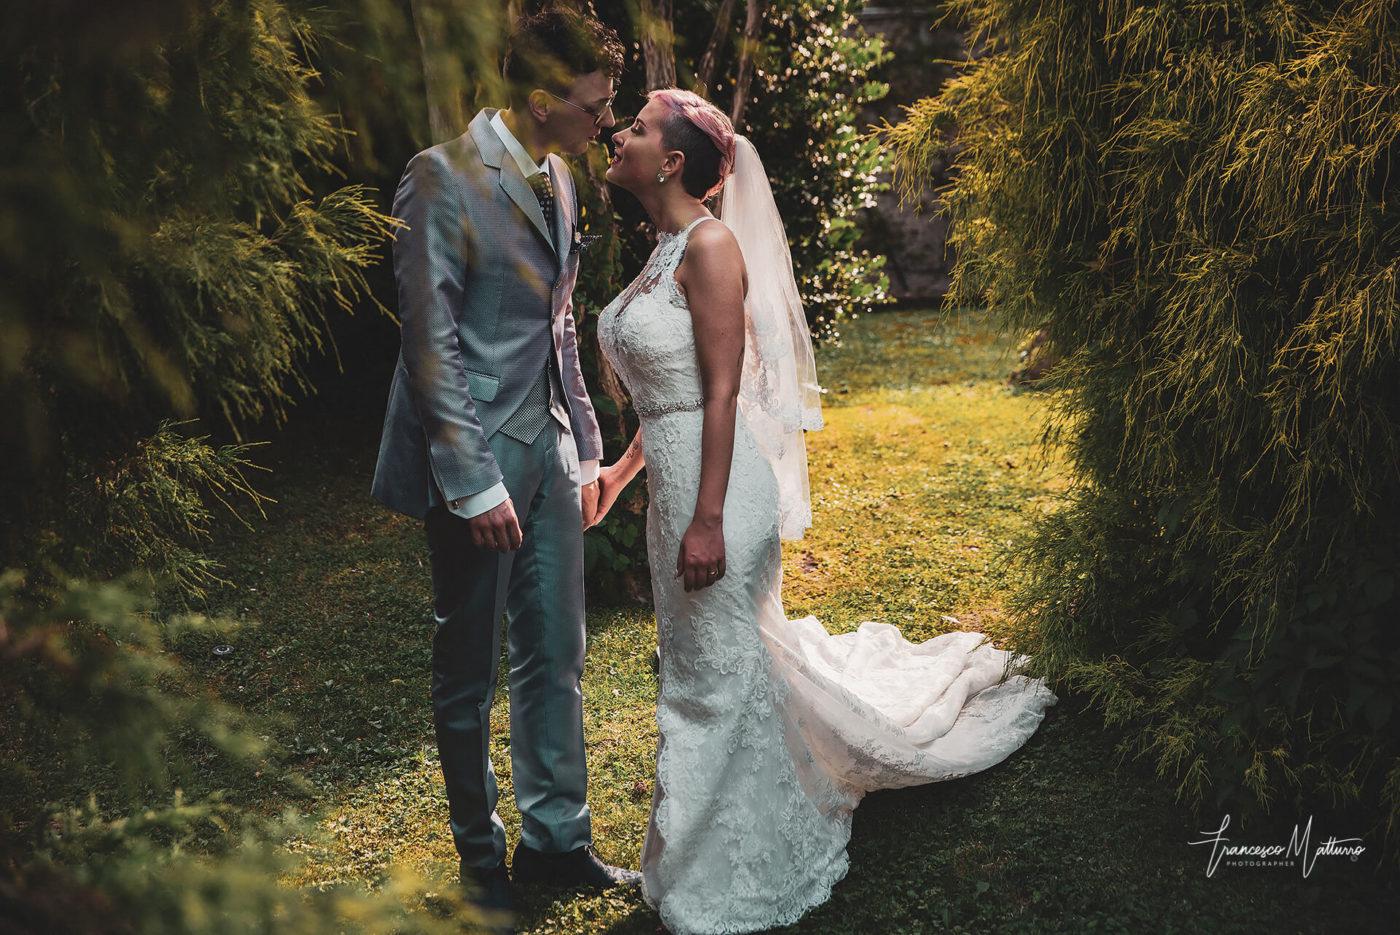 coppia di sposi nel giardino del castello rosso di costigliole saluzzo di Francesco Matturro